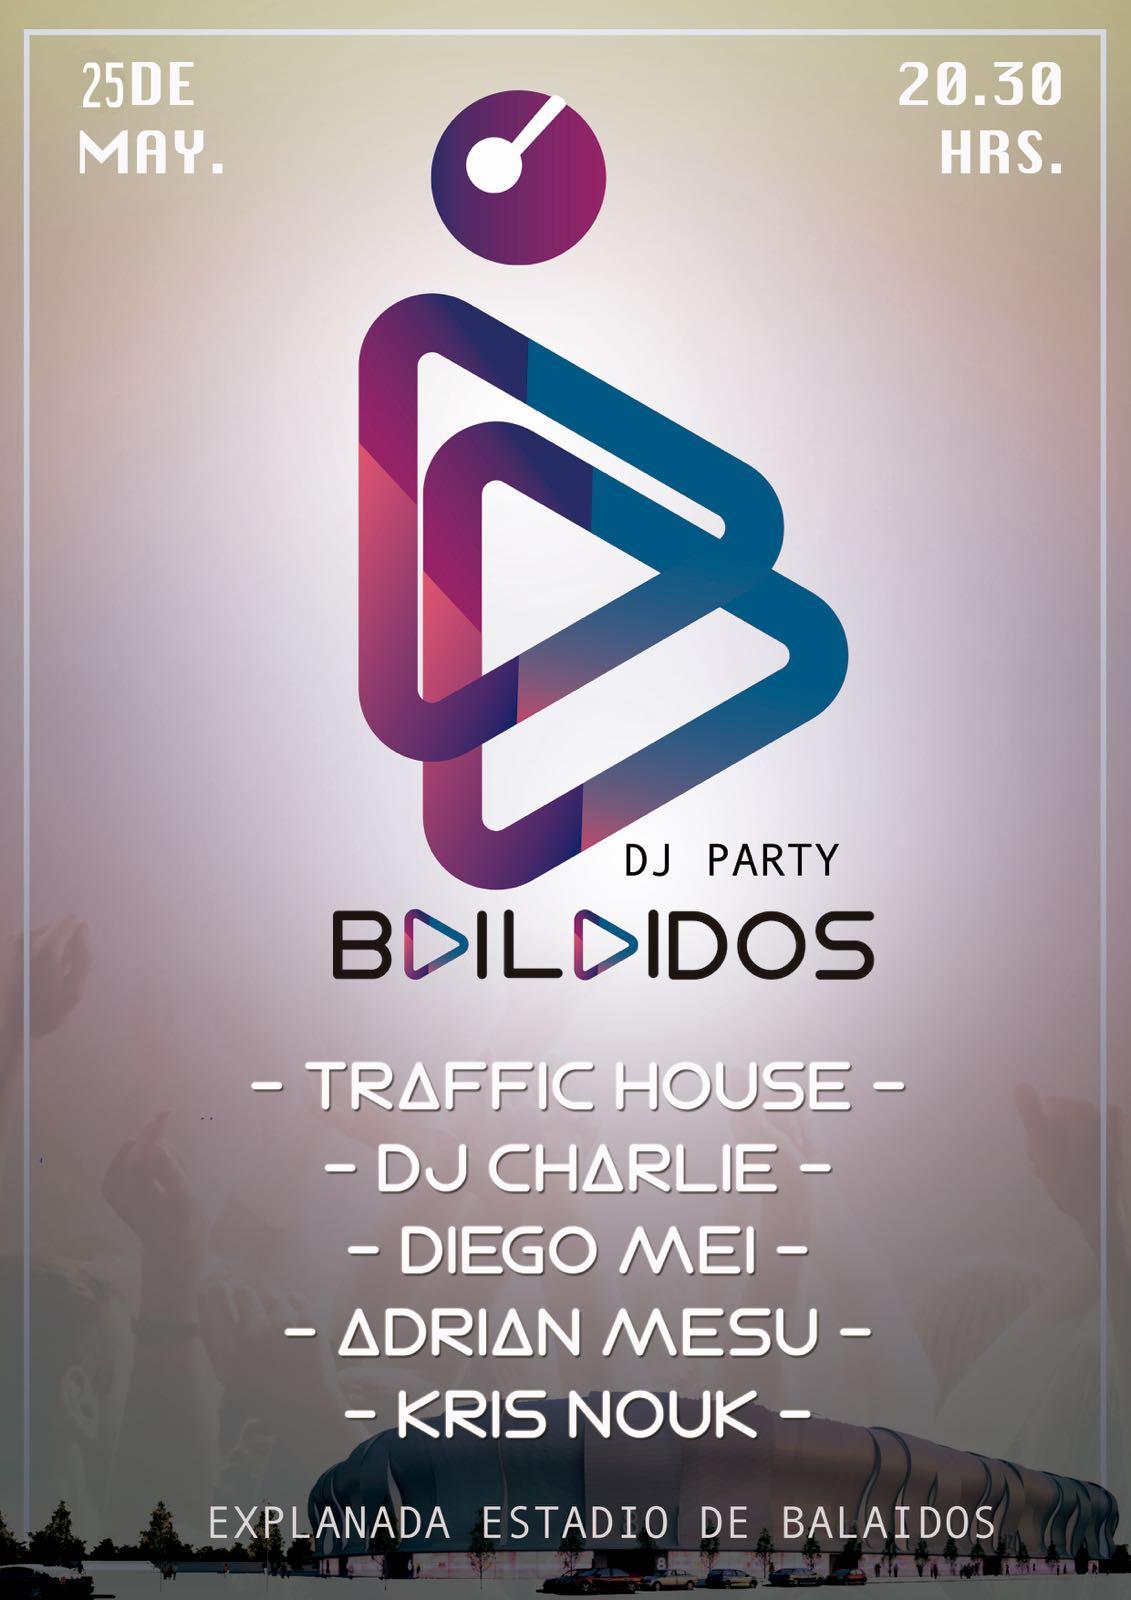 25-05-2017 Bailaidos DJ